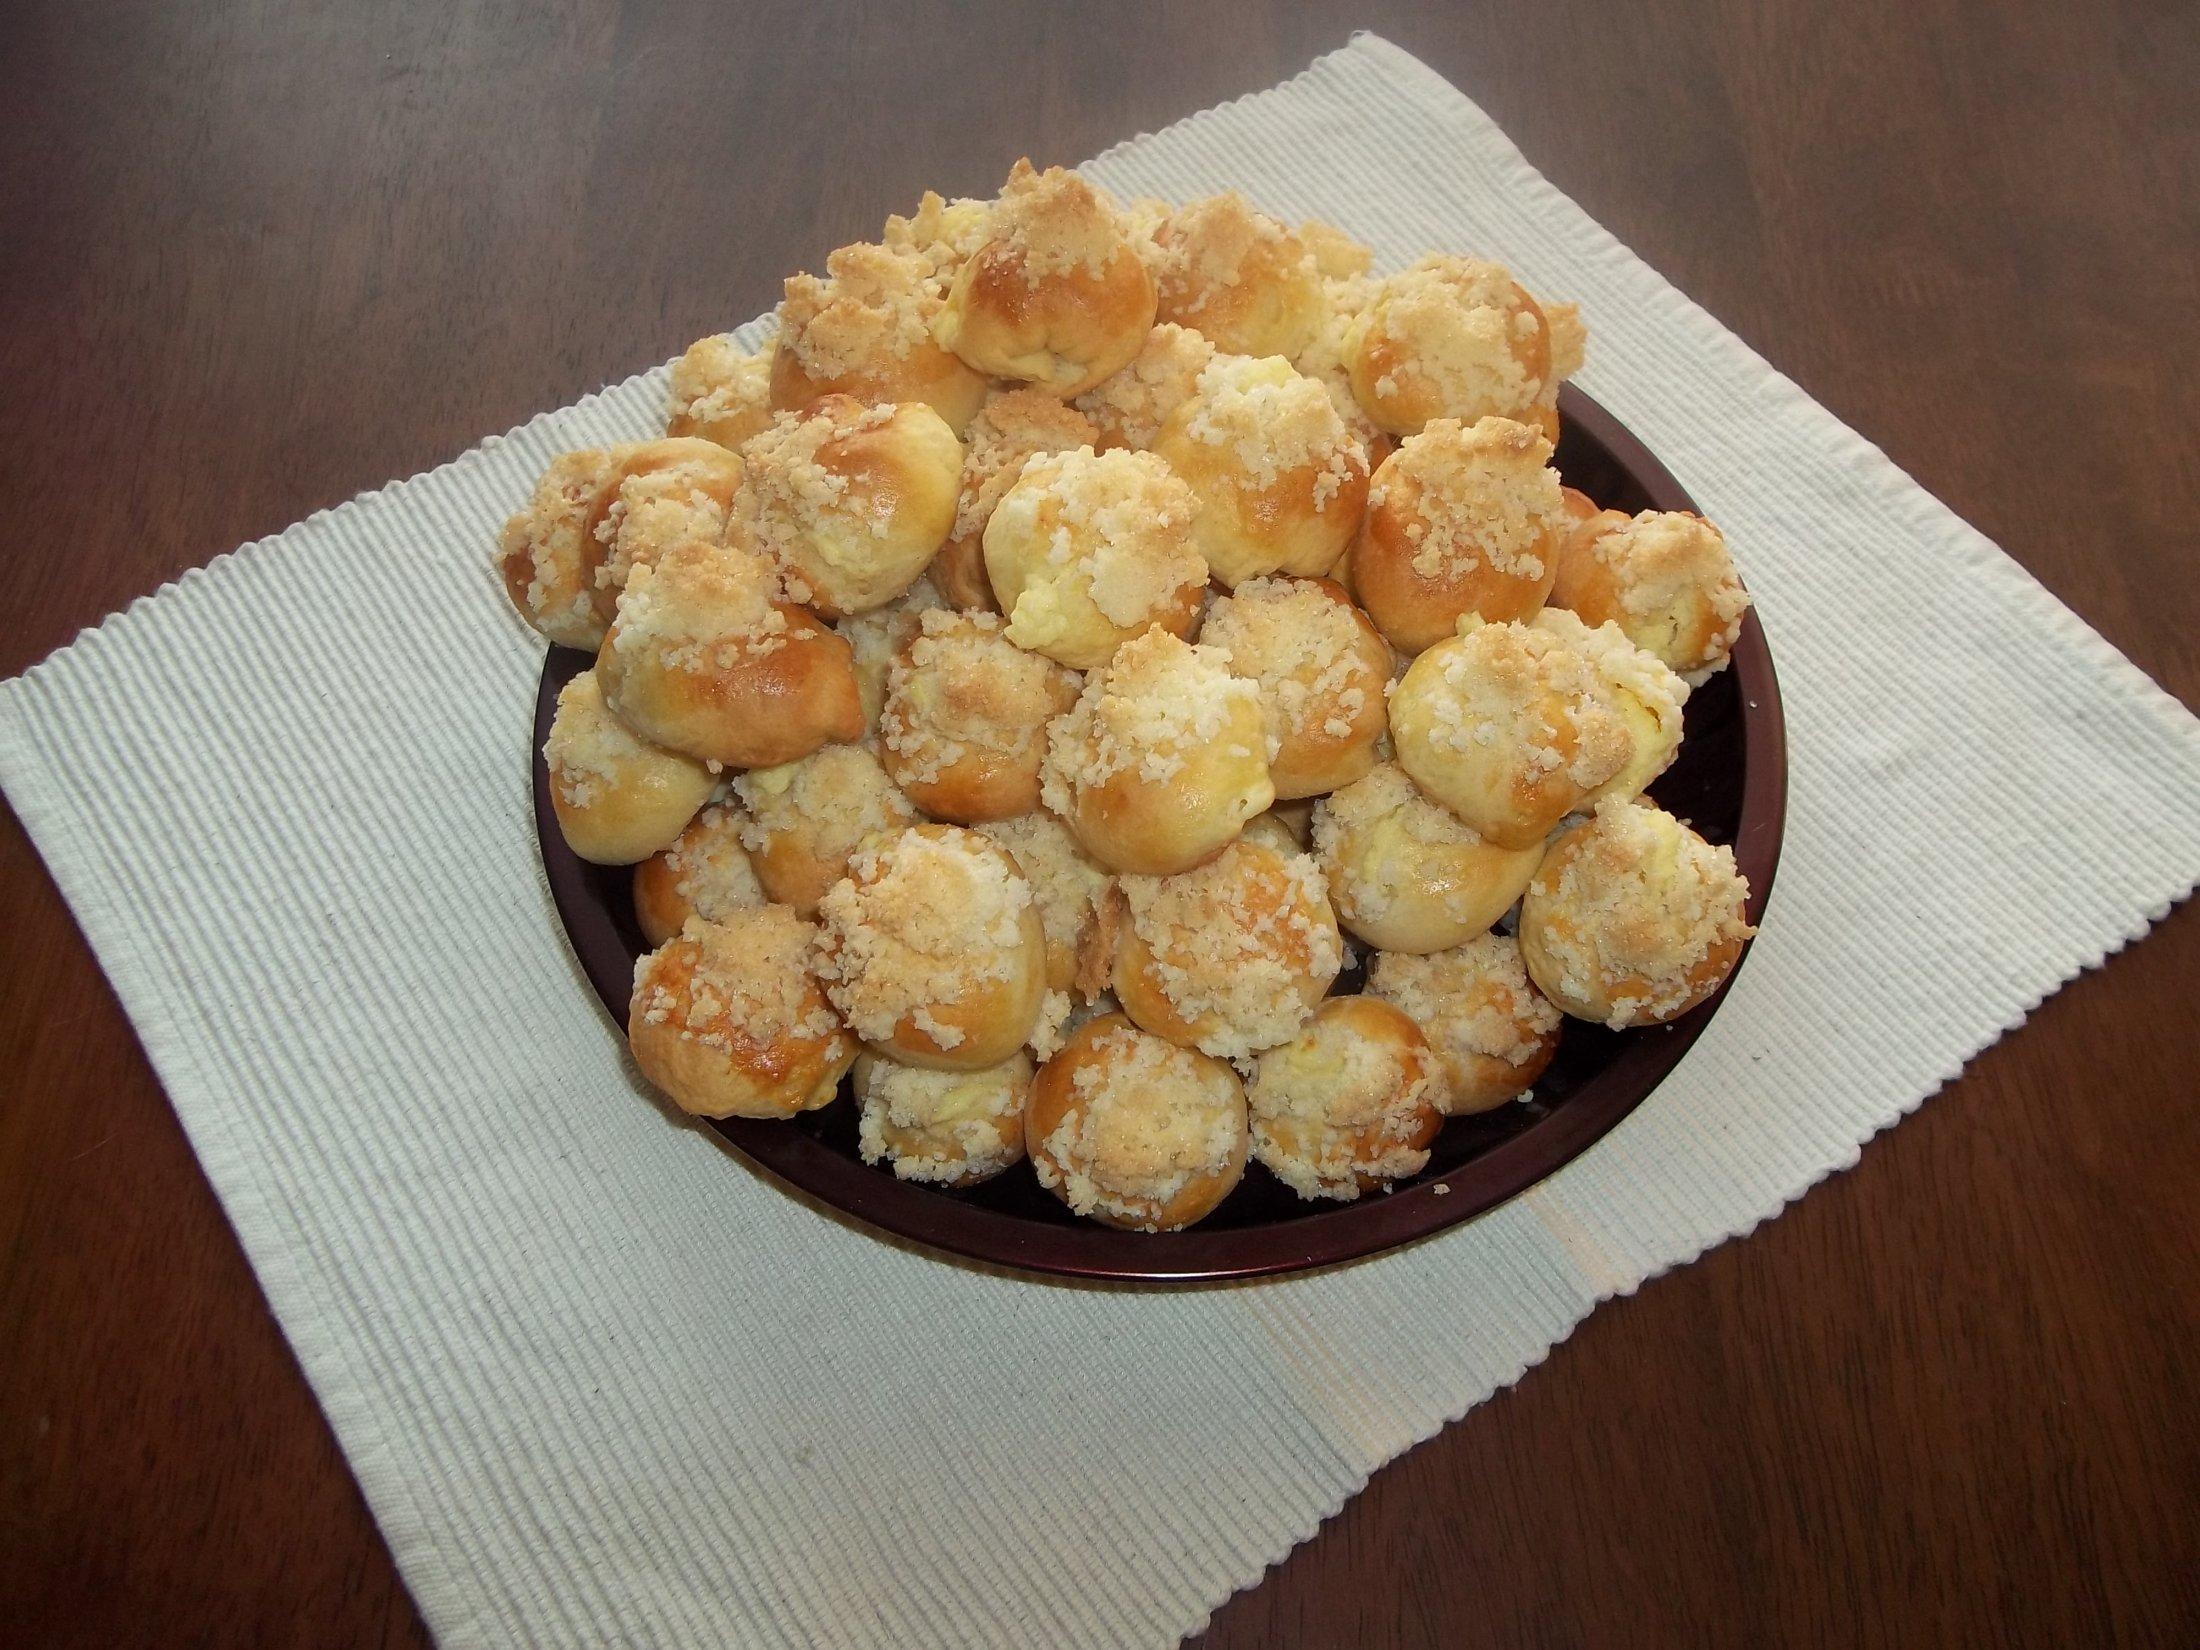 Recept Křehké svatební koláčky - Pokus - dopadlo to dobře = )